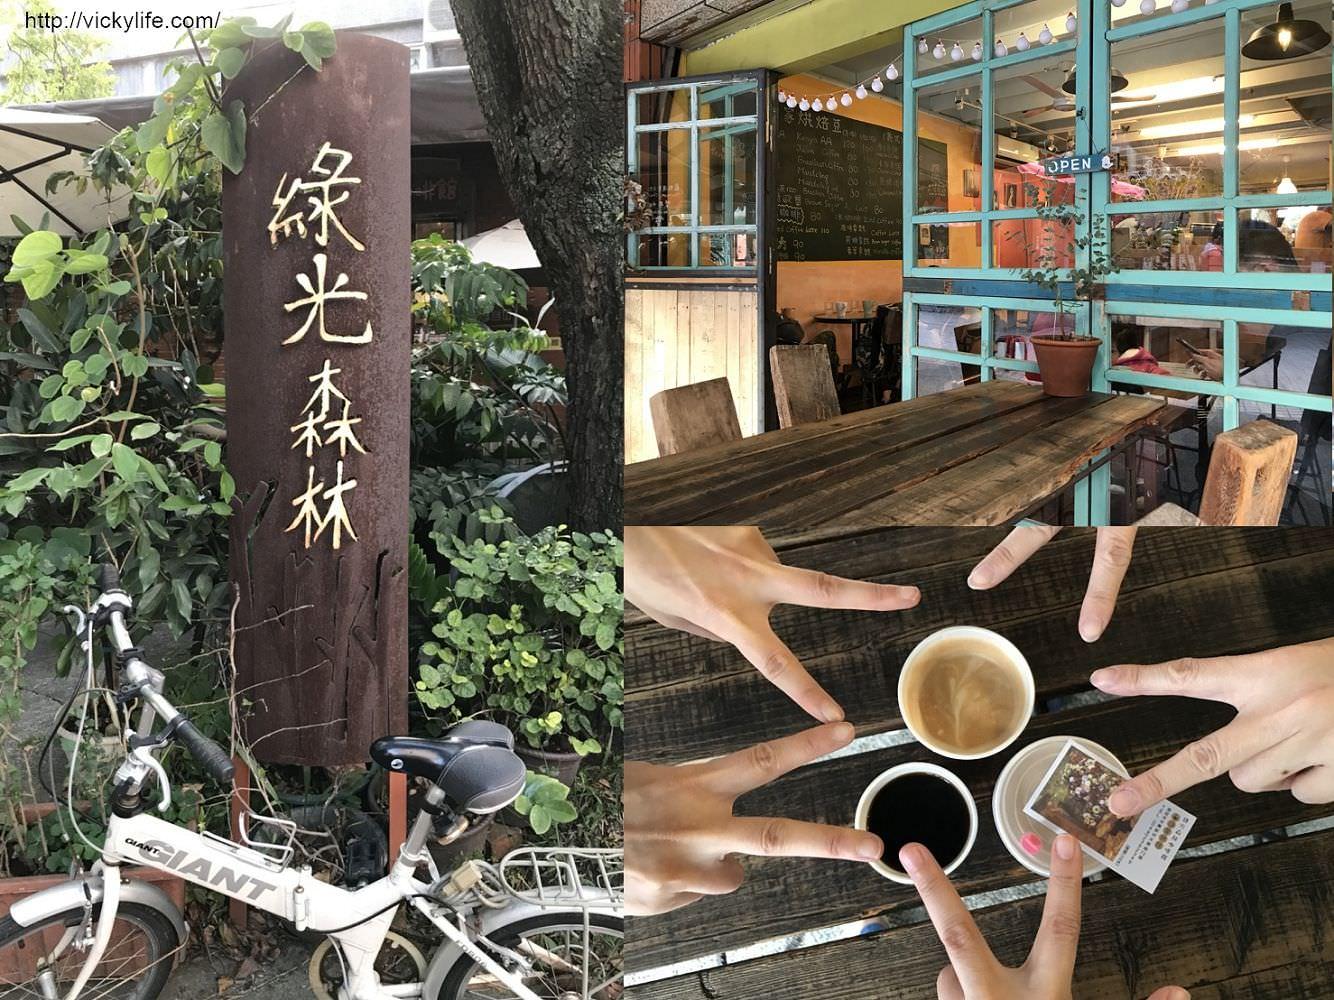 南投美食︱綠光森林咖啡館:口味可隨個人喜好而調整,喝一口焦糖瑪奇朵,真是舒服阿